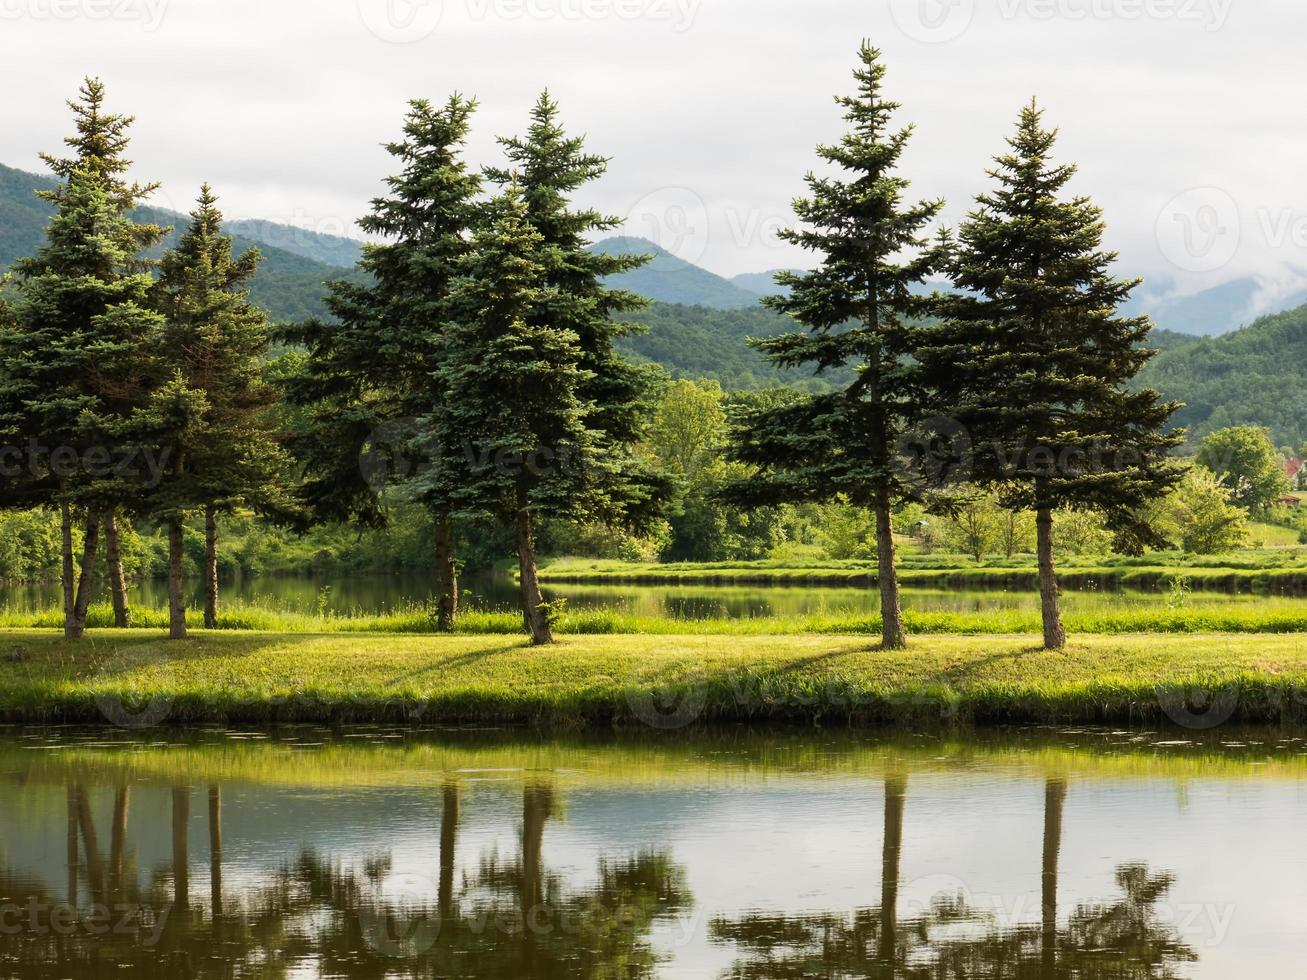 schöner See, Landschaft foto